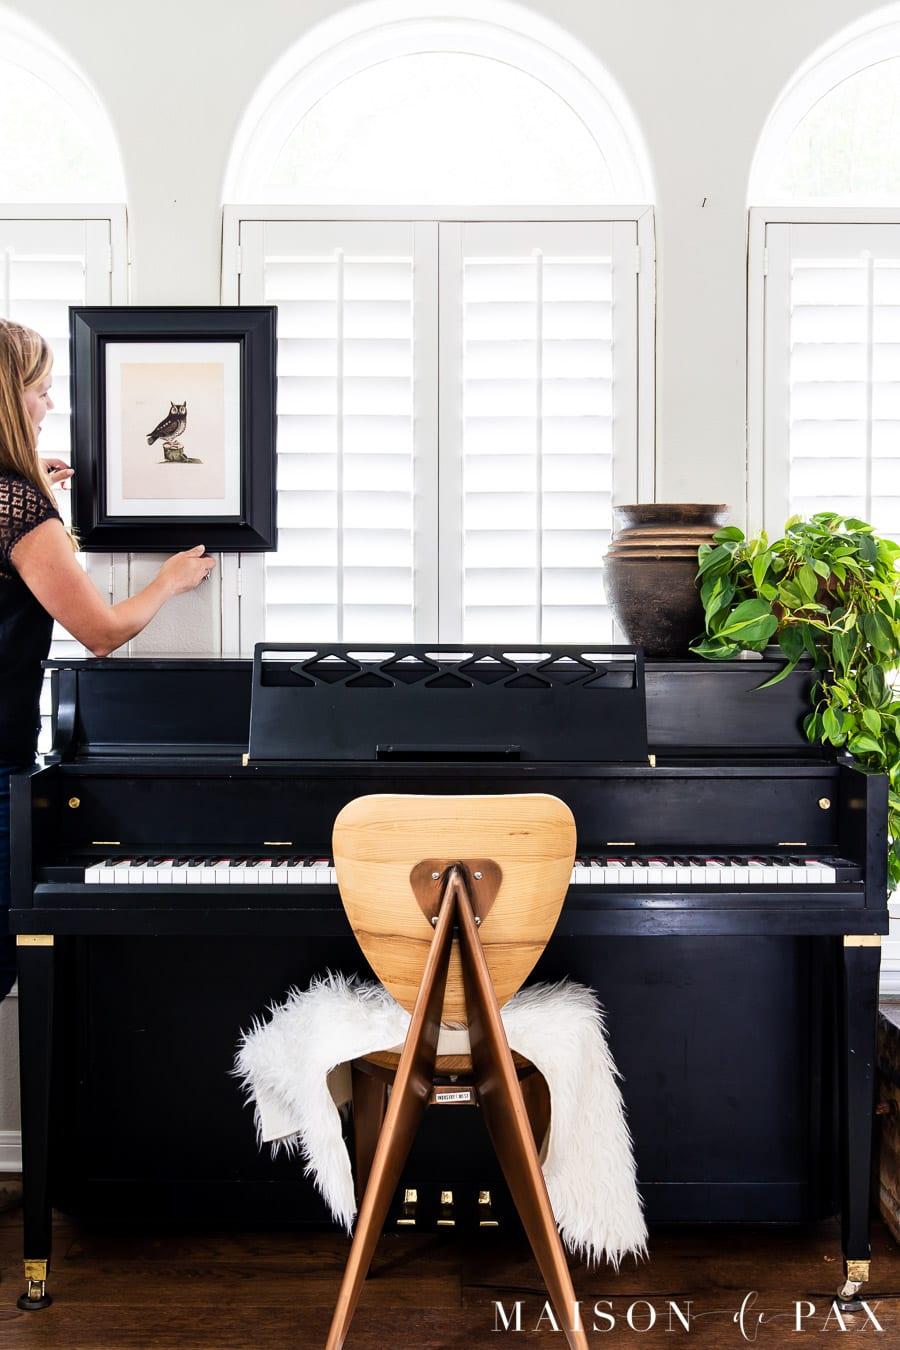 black piano with vintage art above | Maison de Pax